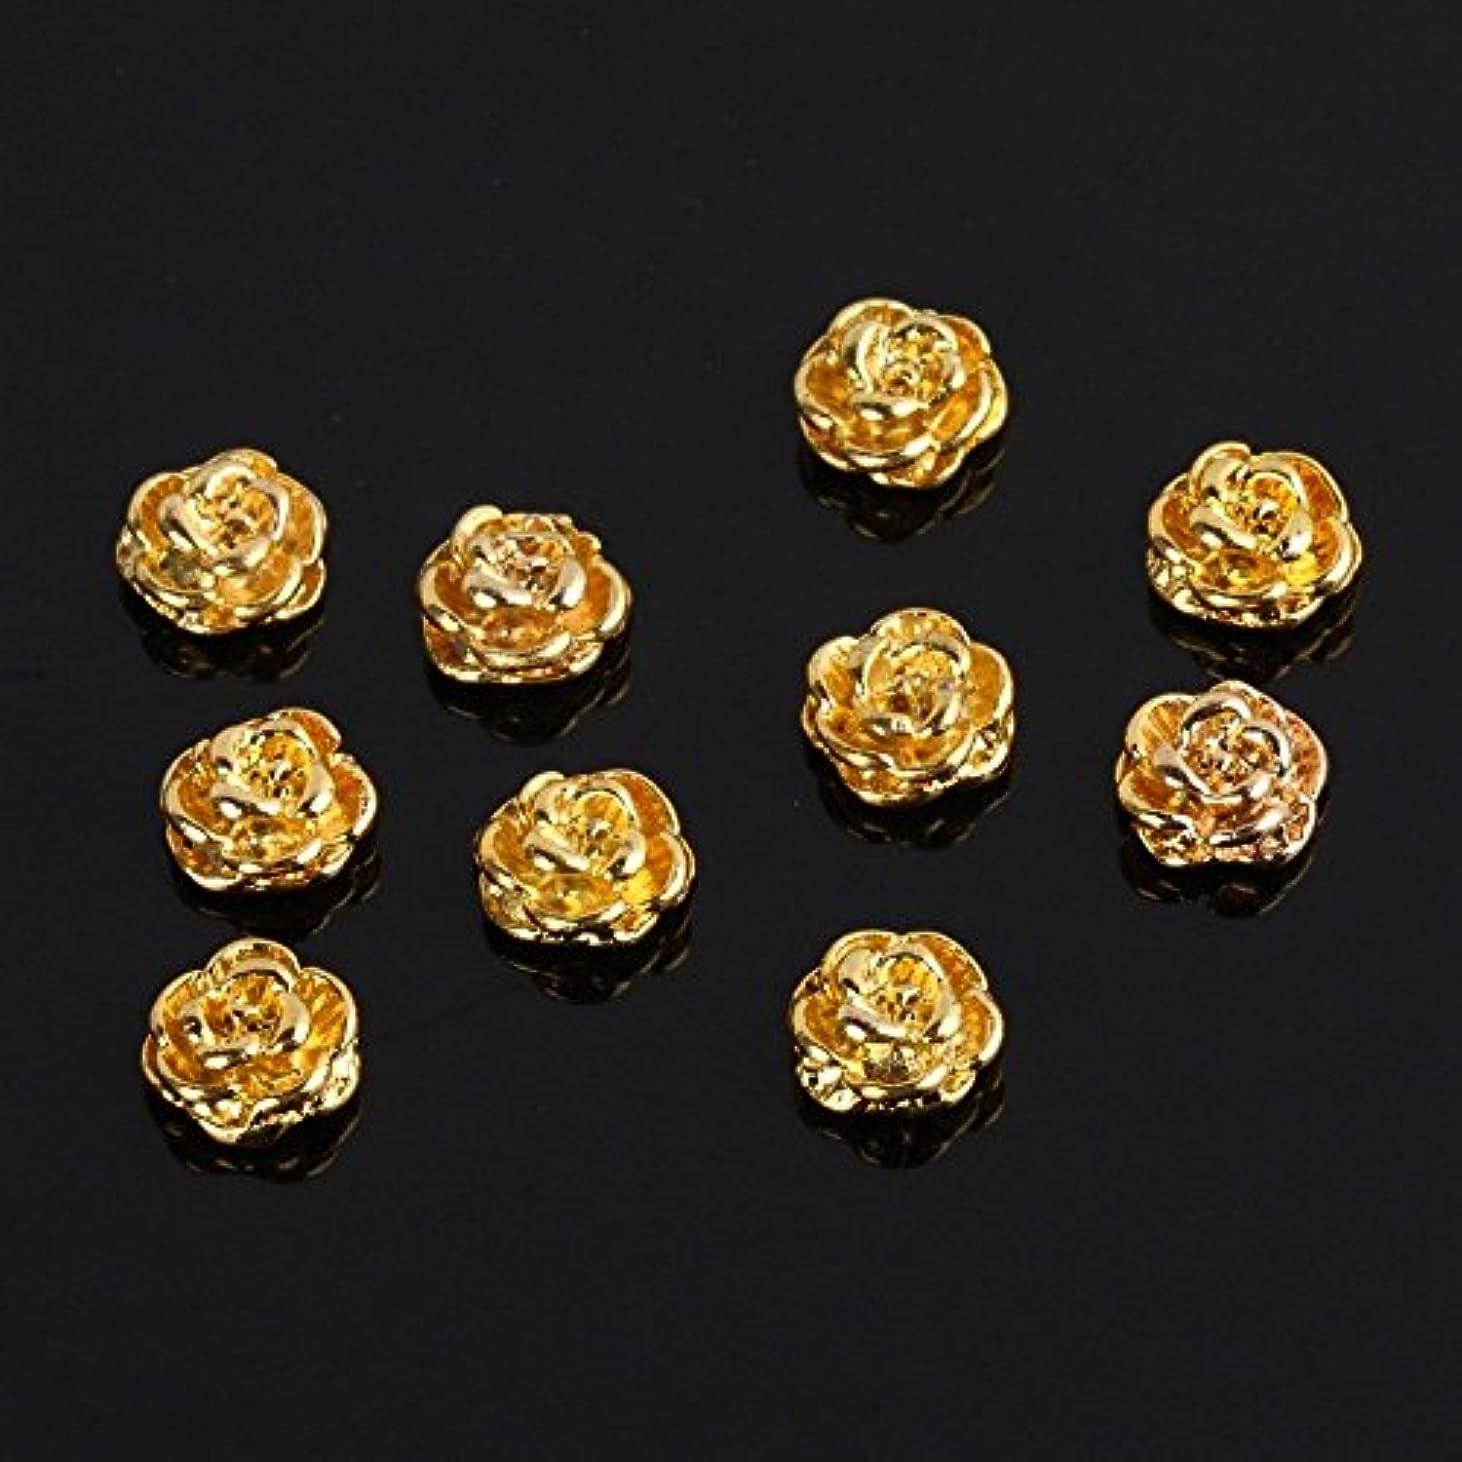 に対応するテナント鍔SODIAL(R) ゴールデンローズシェイプ  10枚  シルバー3D合金ネイルアートスライス  キラキラDIYデコレーション